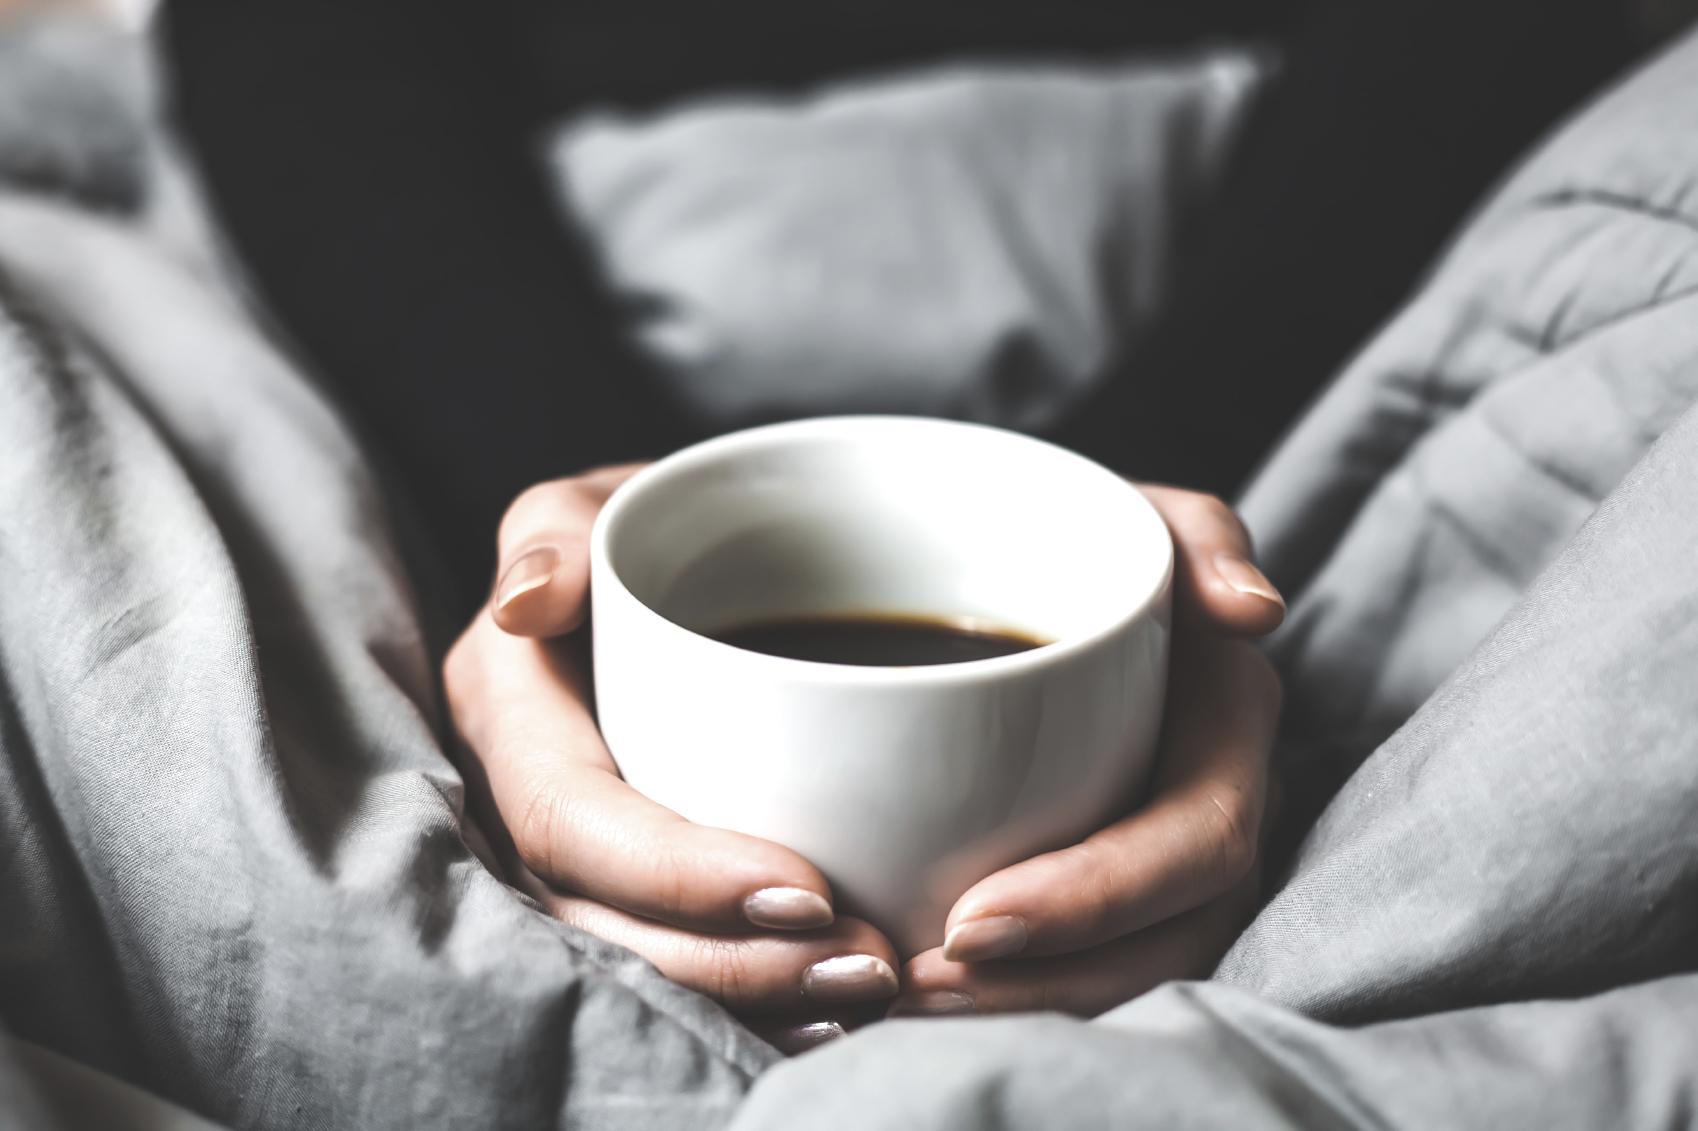 لانتصاب أفضل… إشرب القهوة!